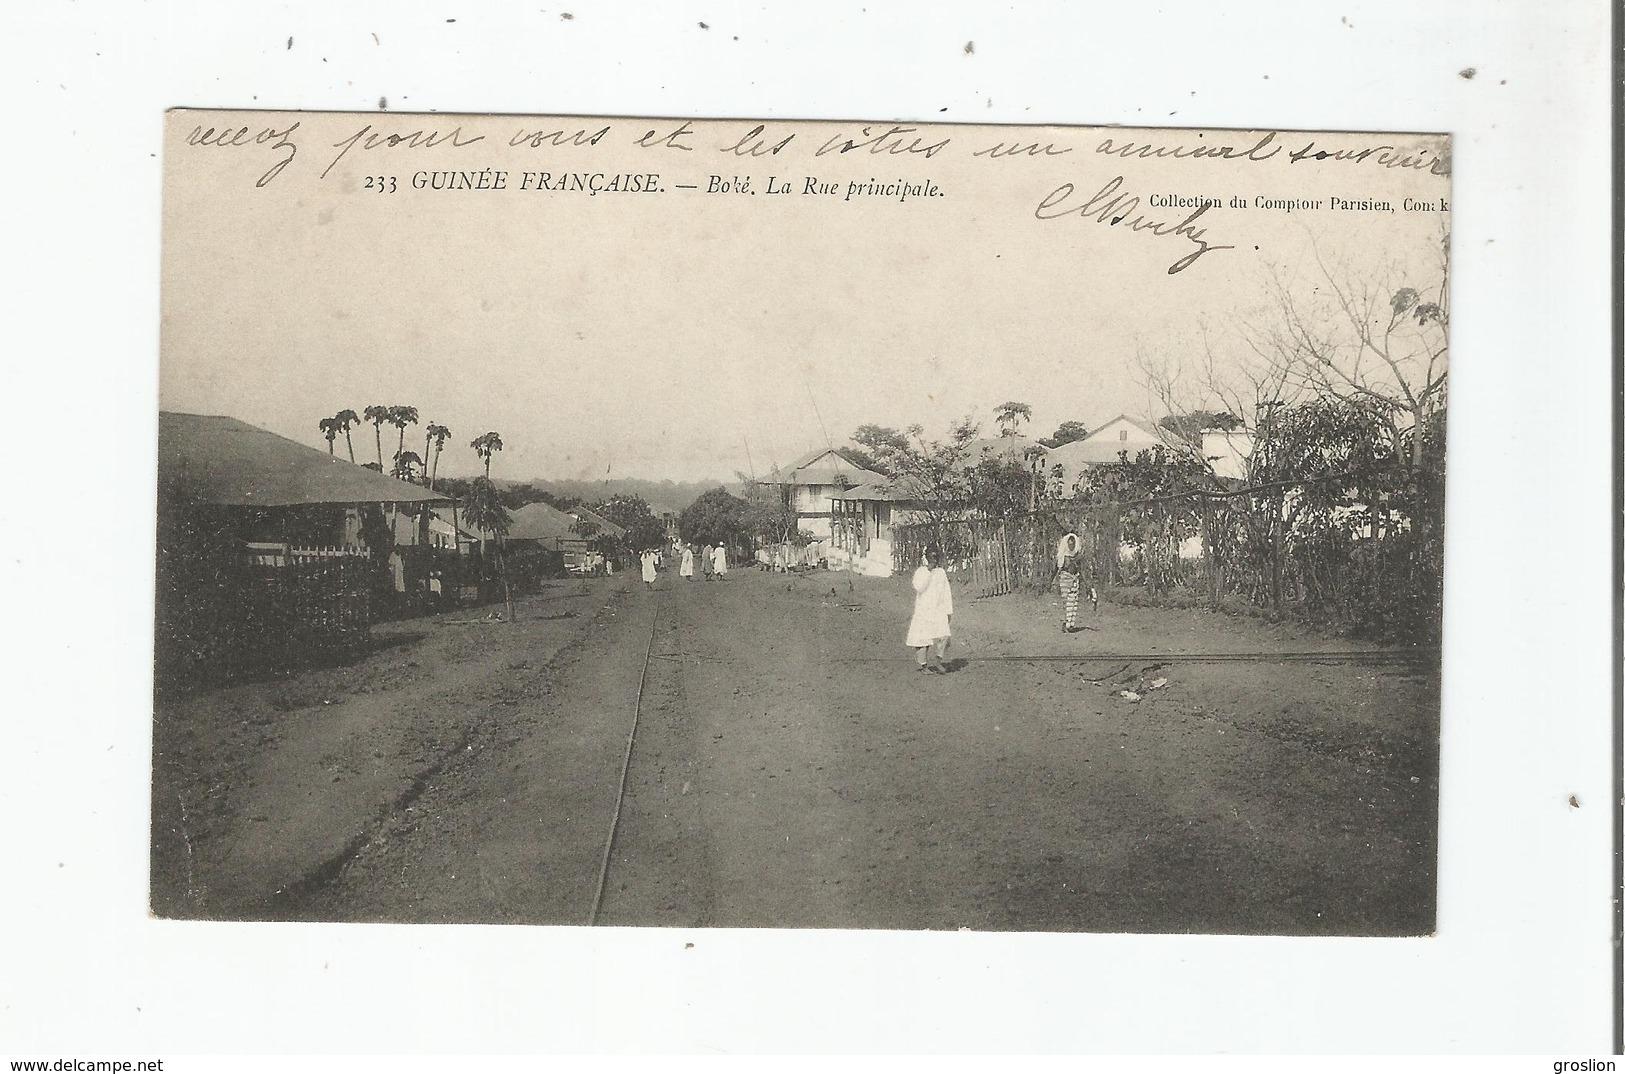 BOKE 233 GUINEE FRANCAISE LA RUE PRINIPALE 1911 - Guinée Française